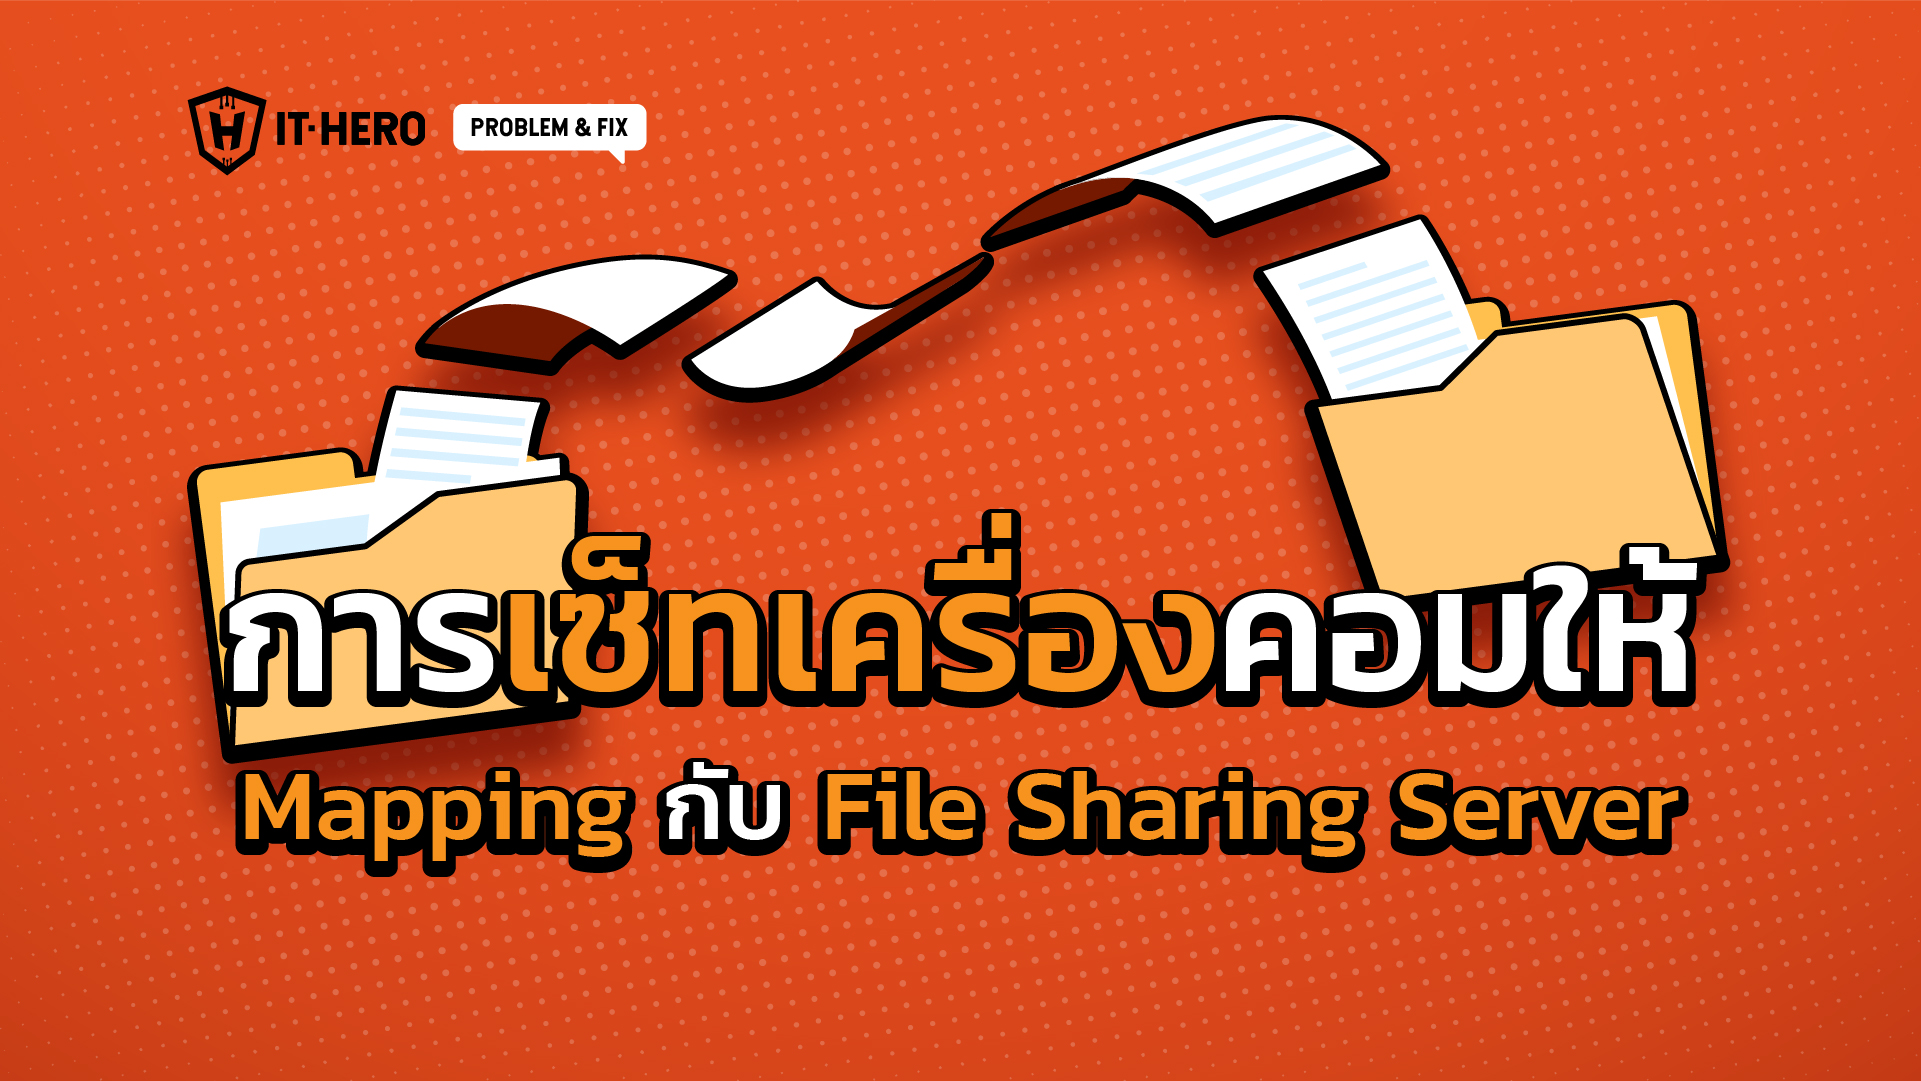 การเซ็ตเครื่องคอมพิวเตอร์ให้ Mapping กับ file Sharing Server